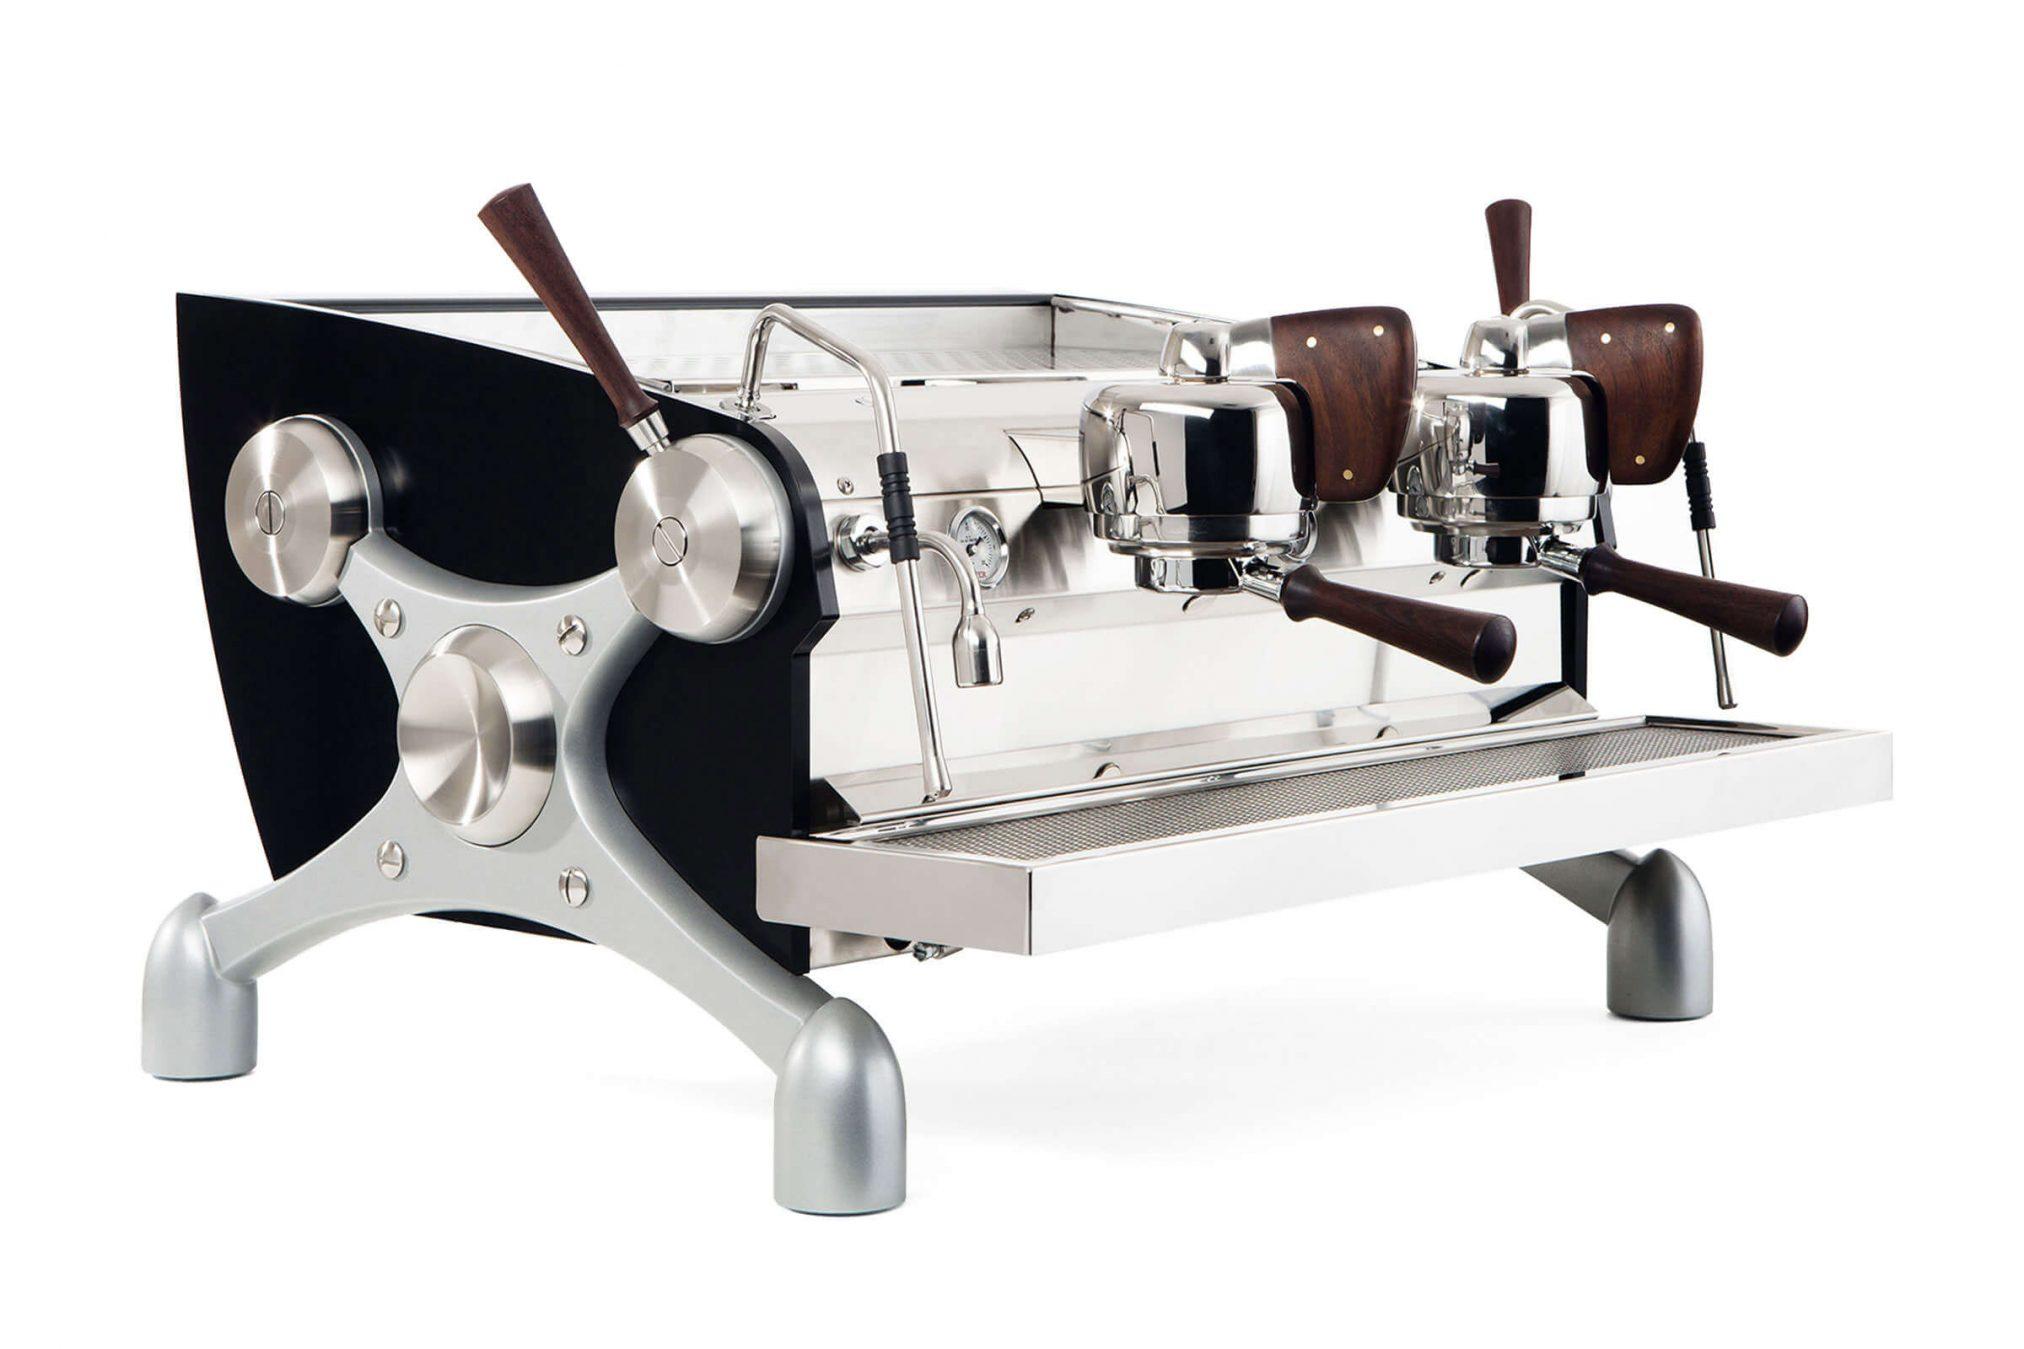 Професійні кавоварки та кавомолки - Slayer Espresso